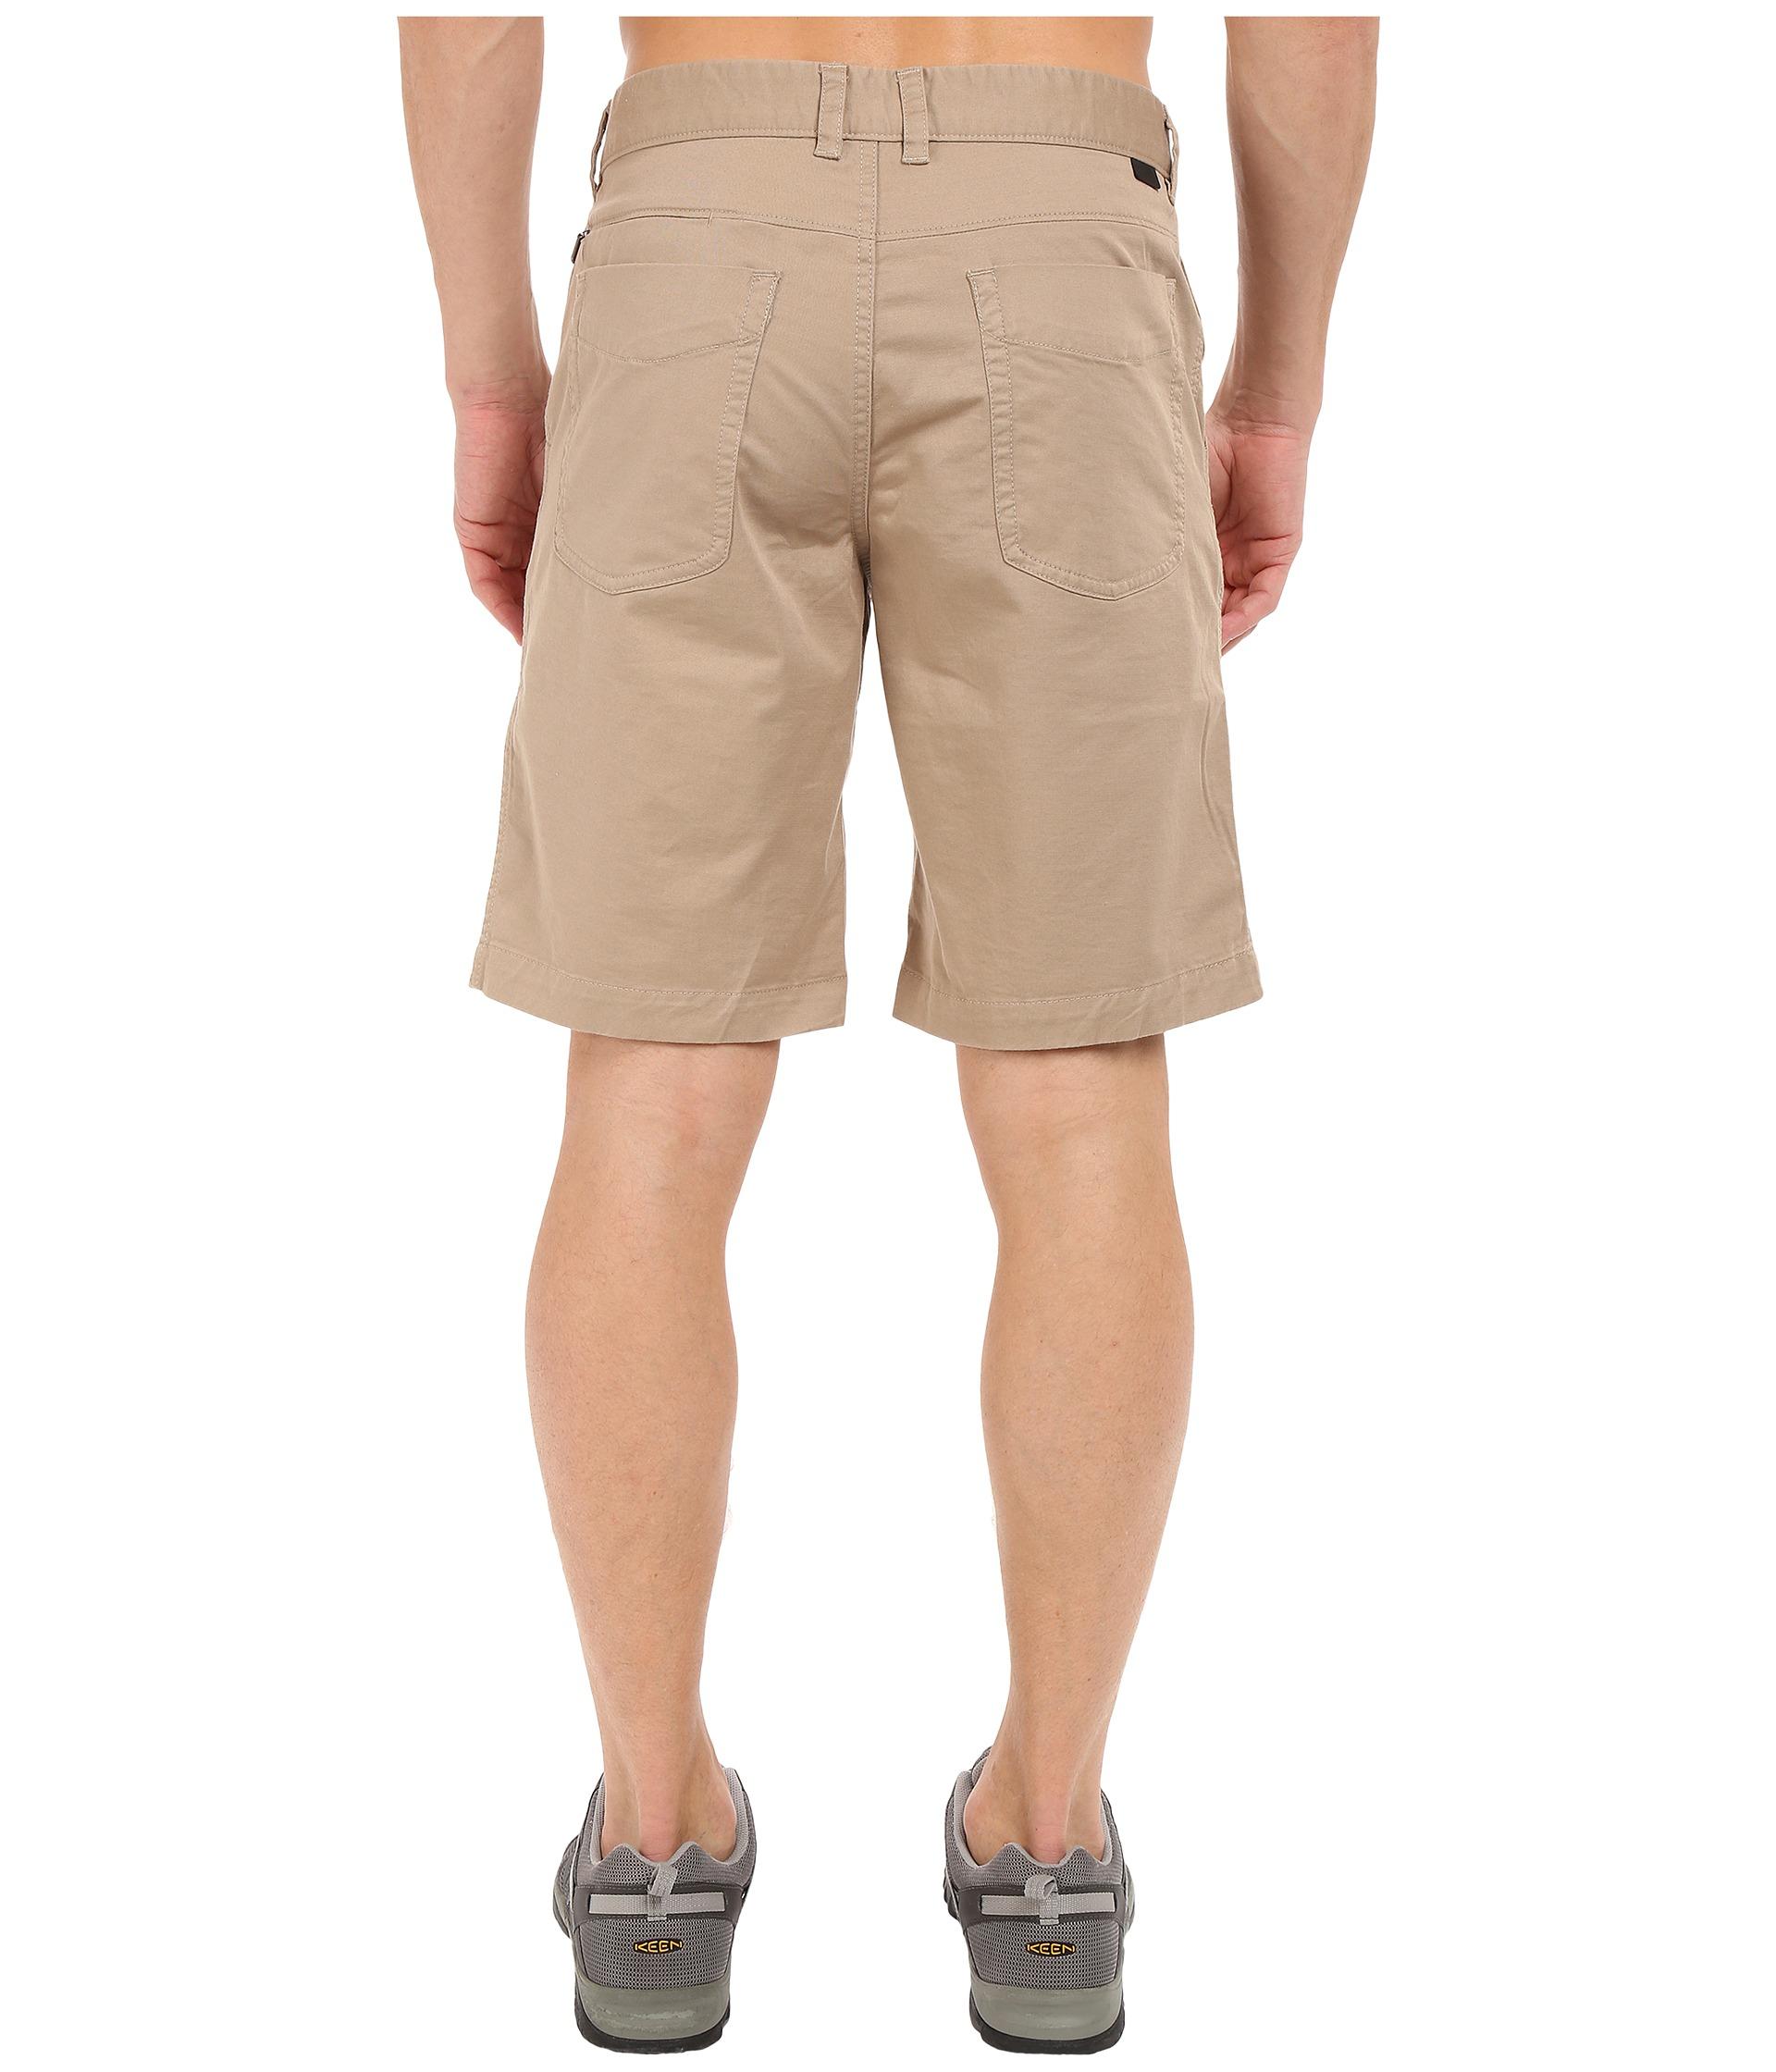 59c45b3b0 The North Face Natural The Narrows Shorts for men